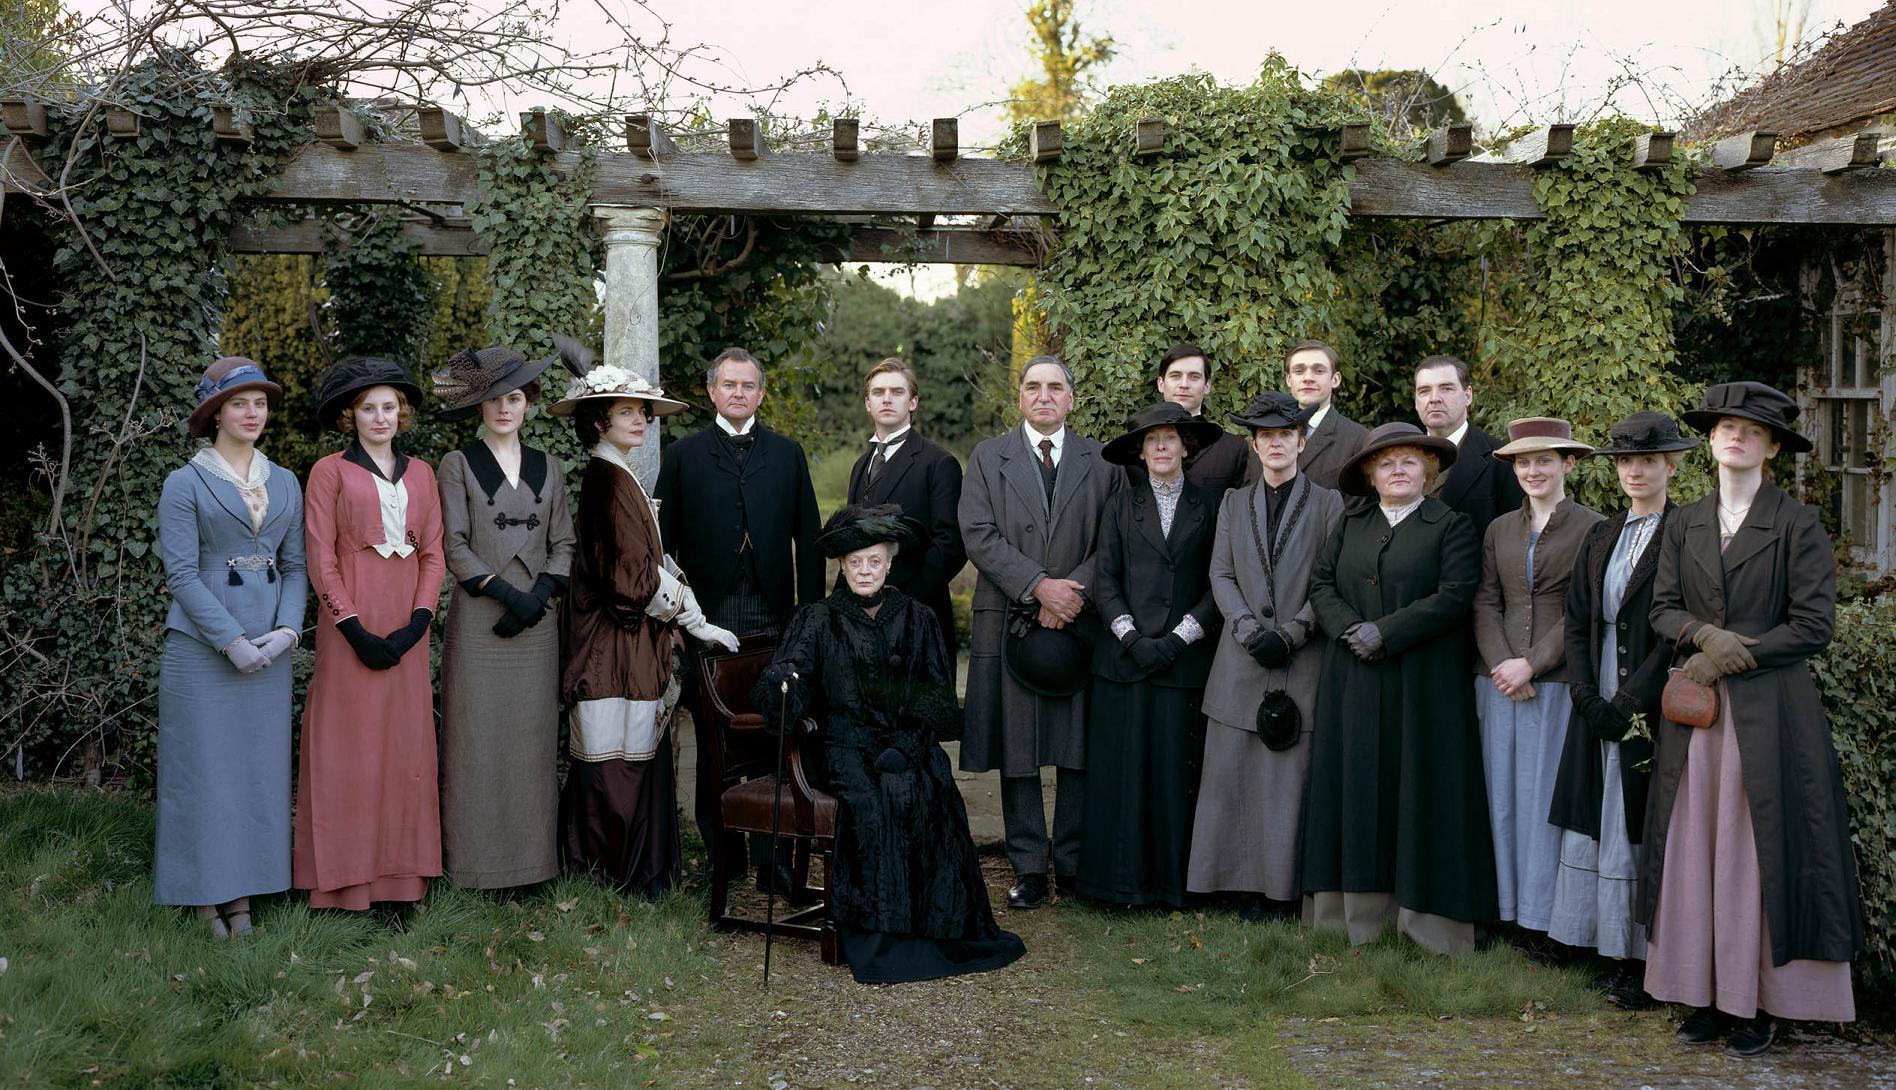 Once TV estrena la segunda temporada de Downton Abbey